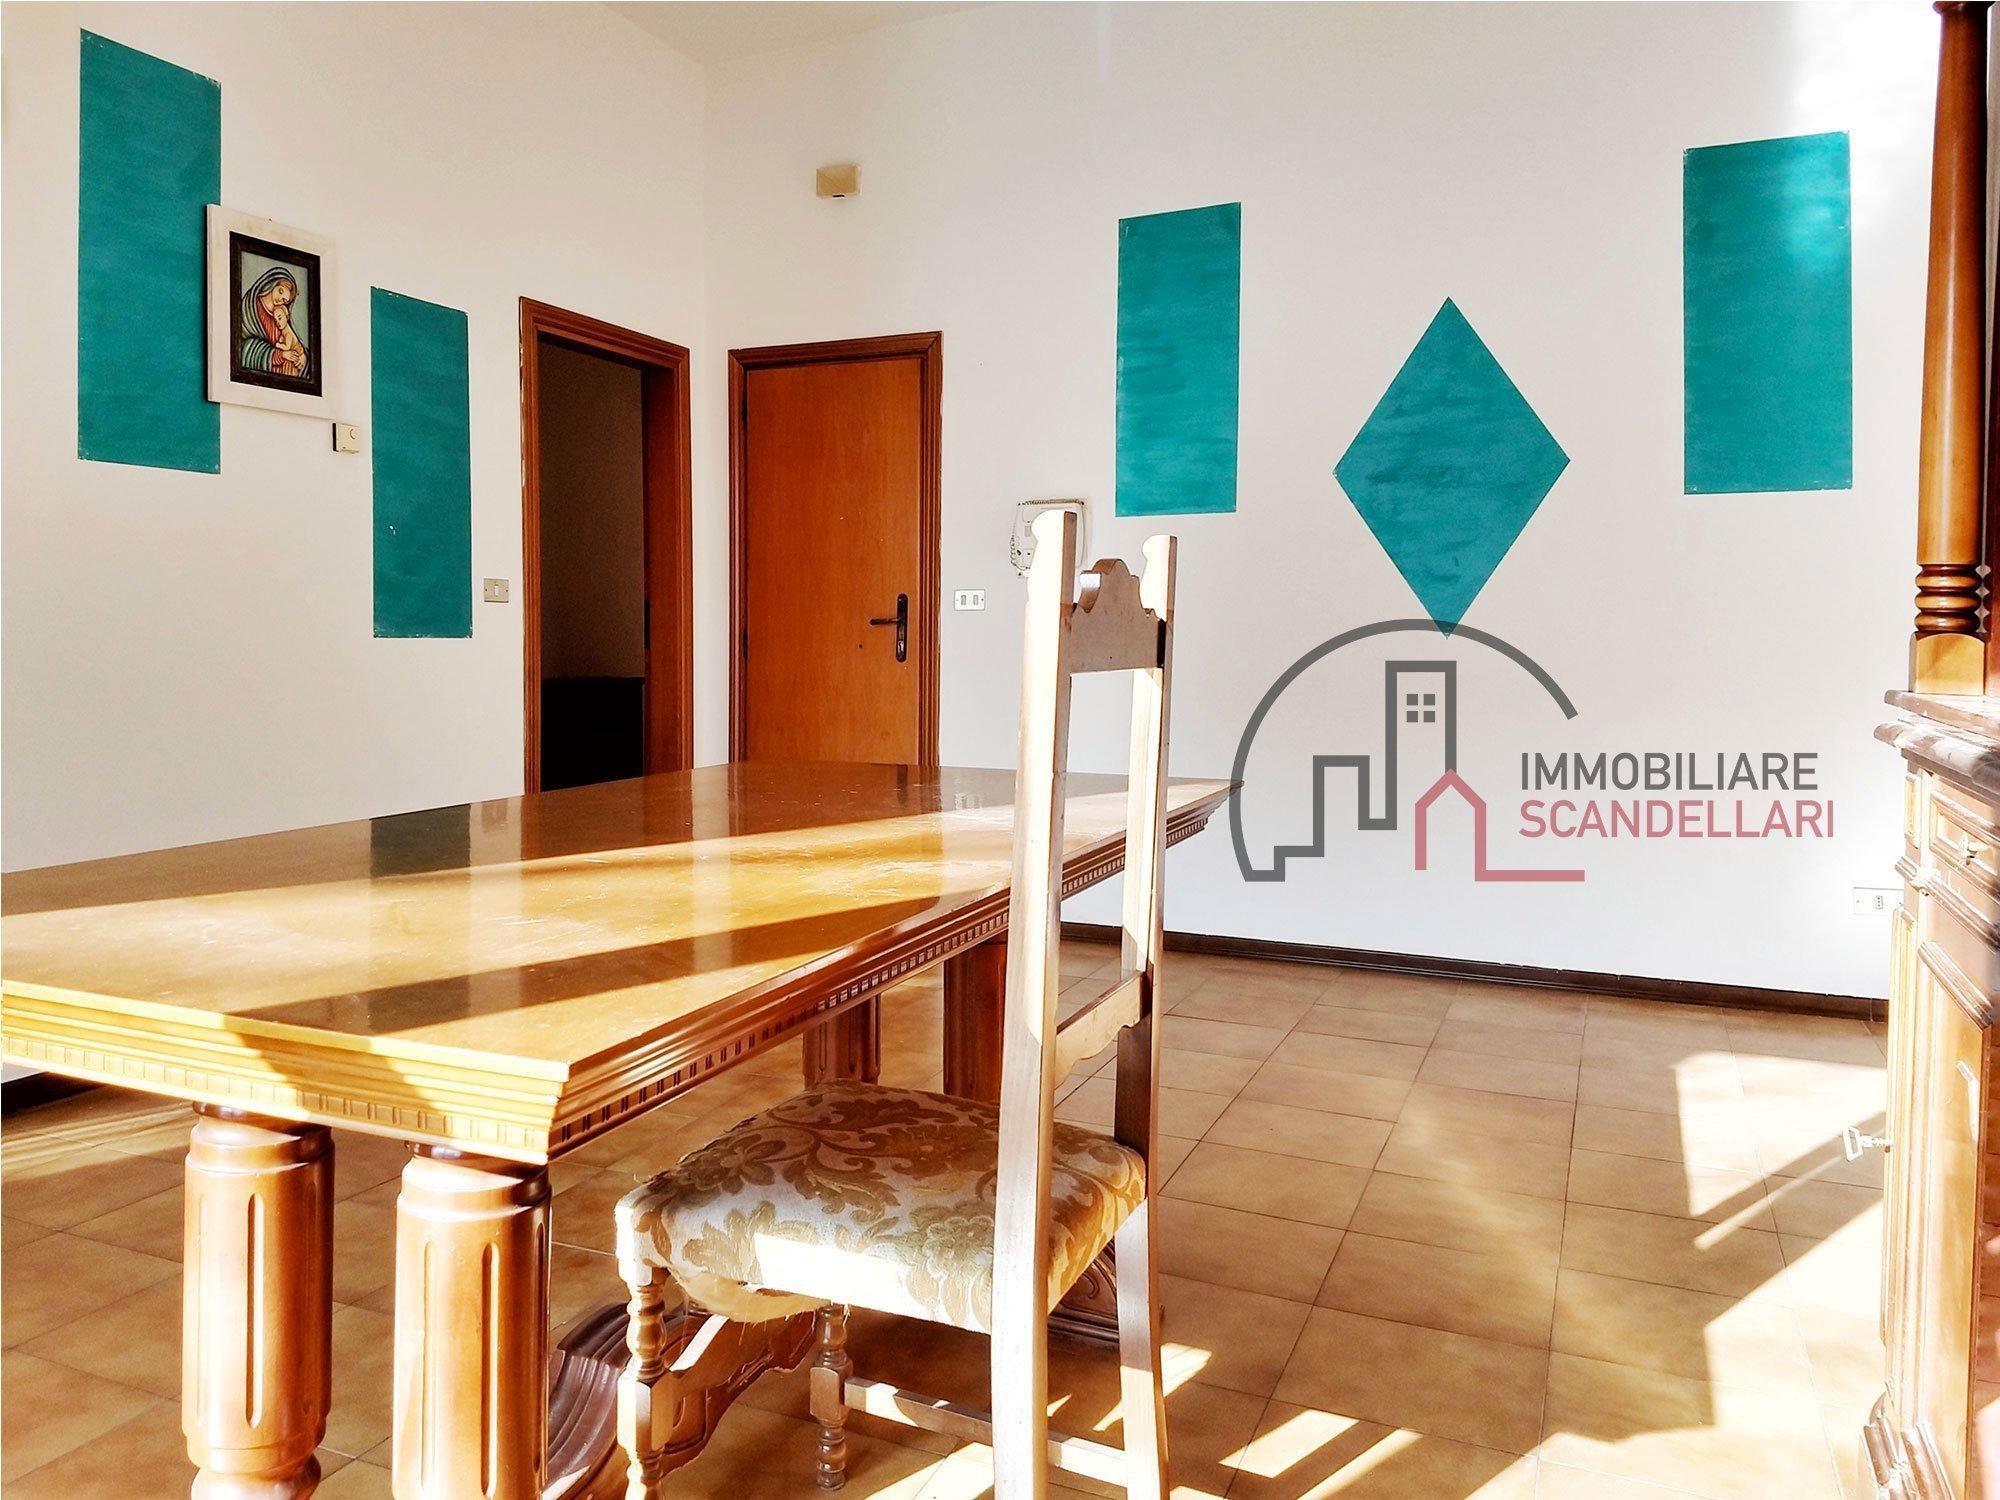 Rimini - Tripoli - Appartamento con tre camere - Immobiliare Scandellari